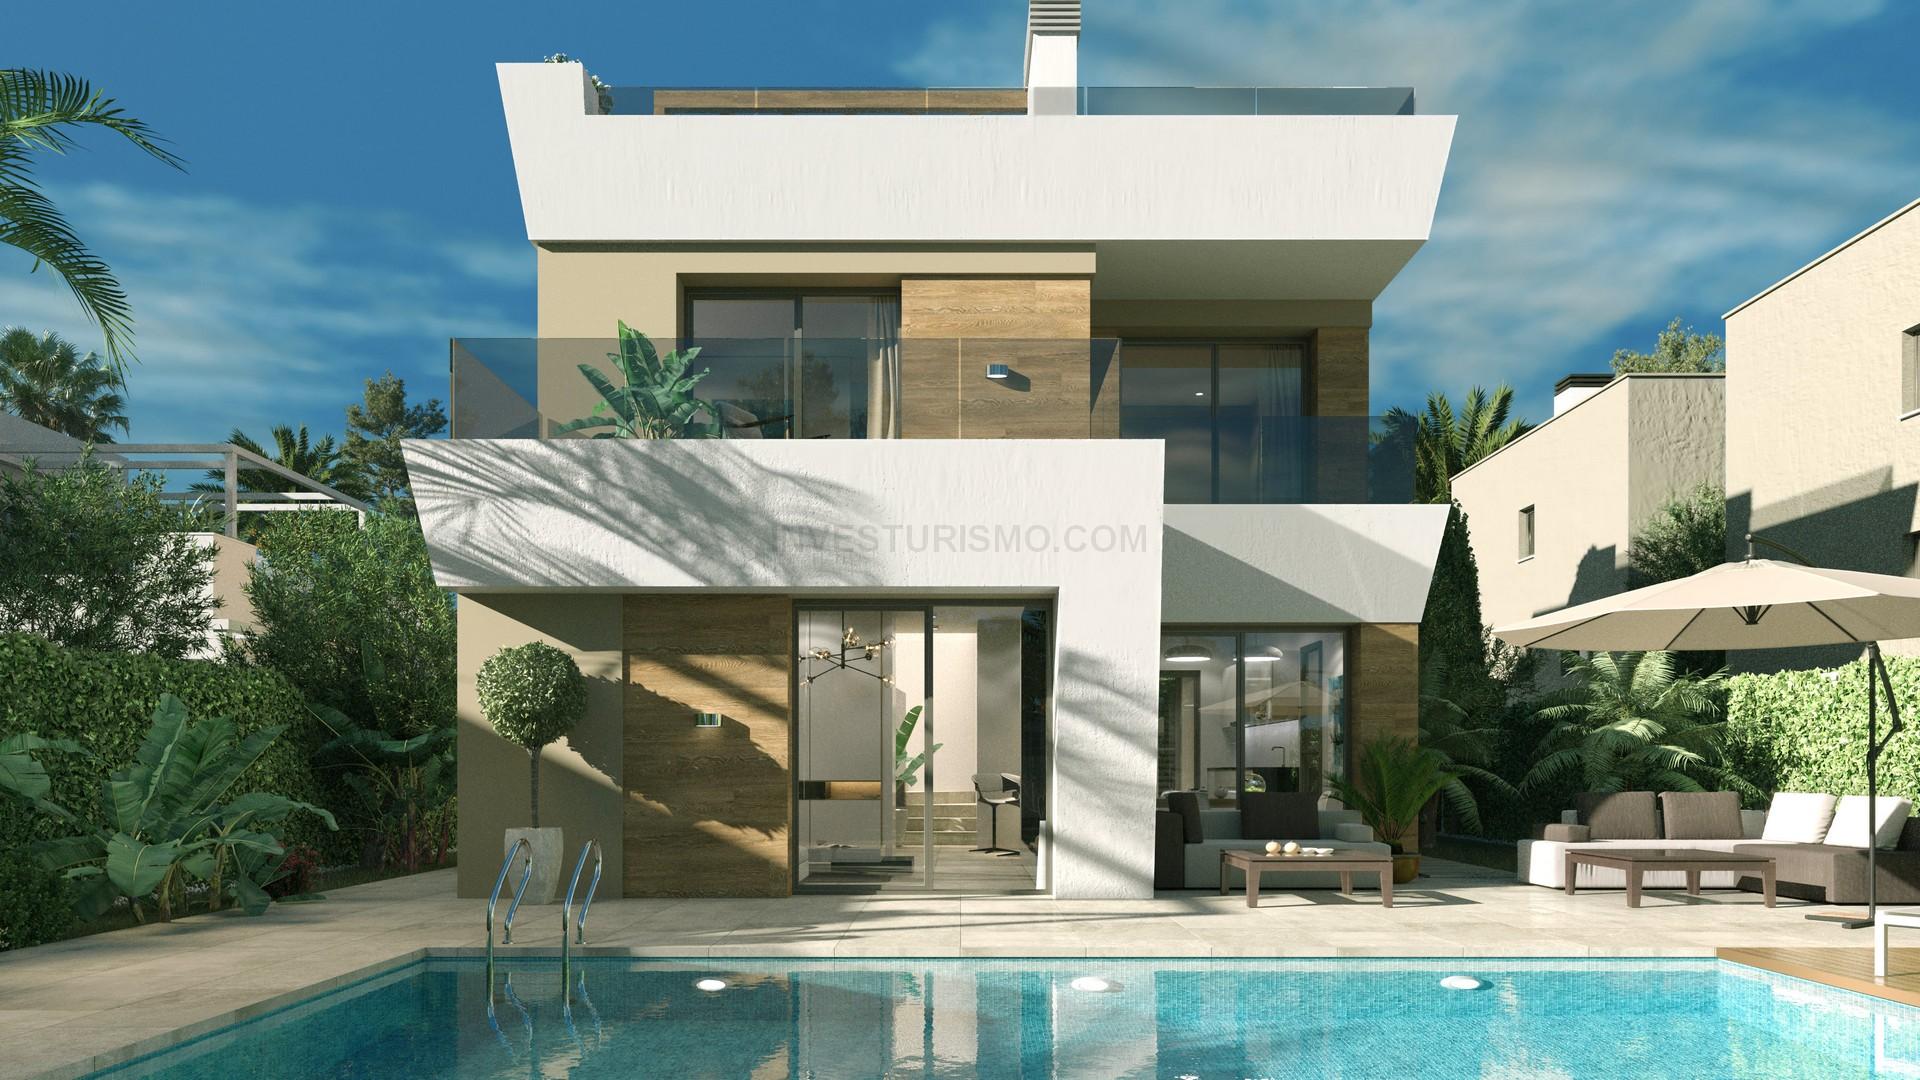 New Build Villa 3 bedrooms 3 bathrooms in Torrevieja